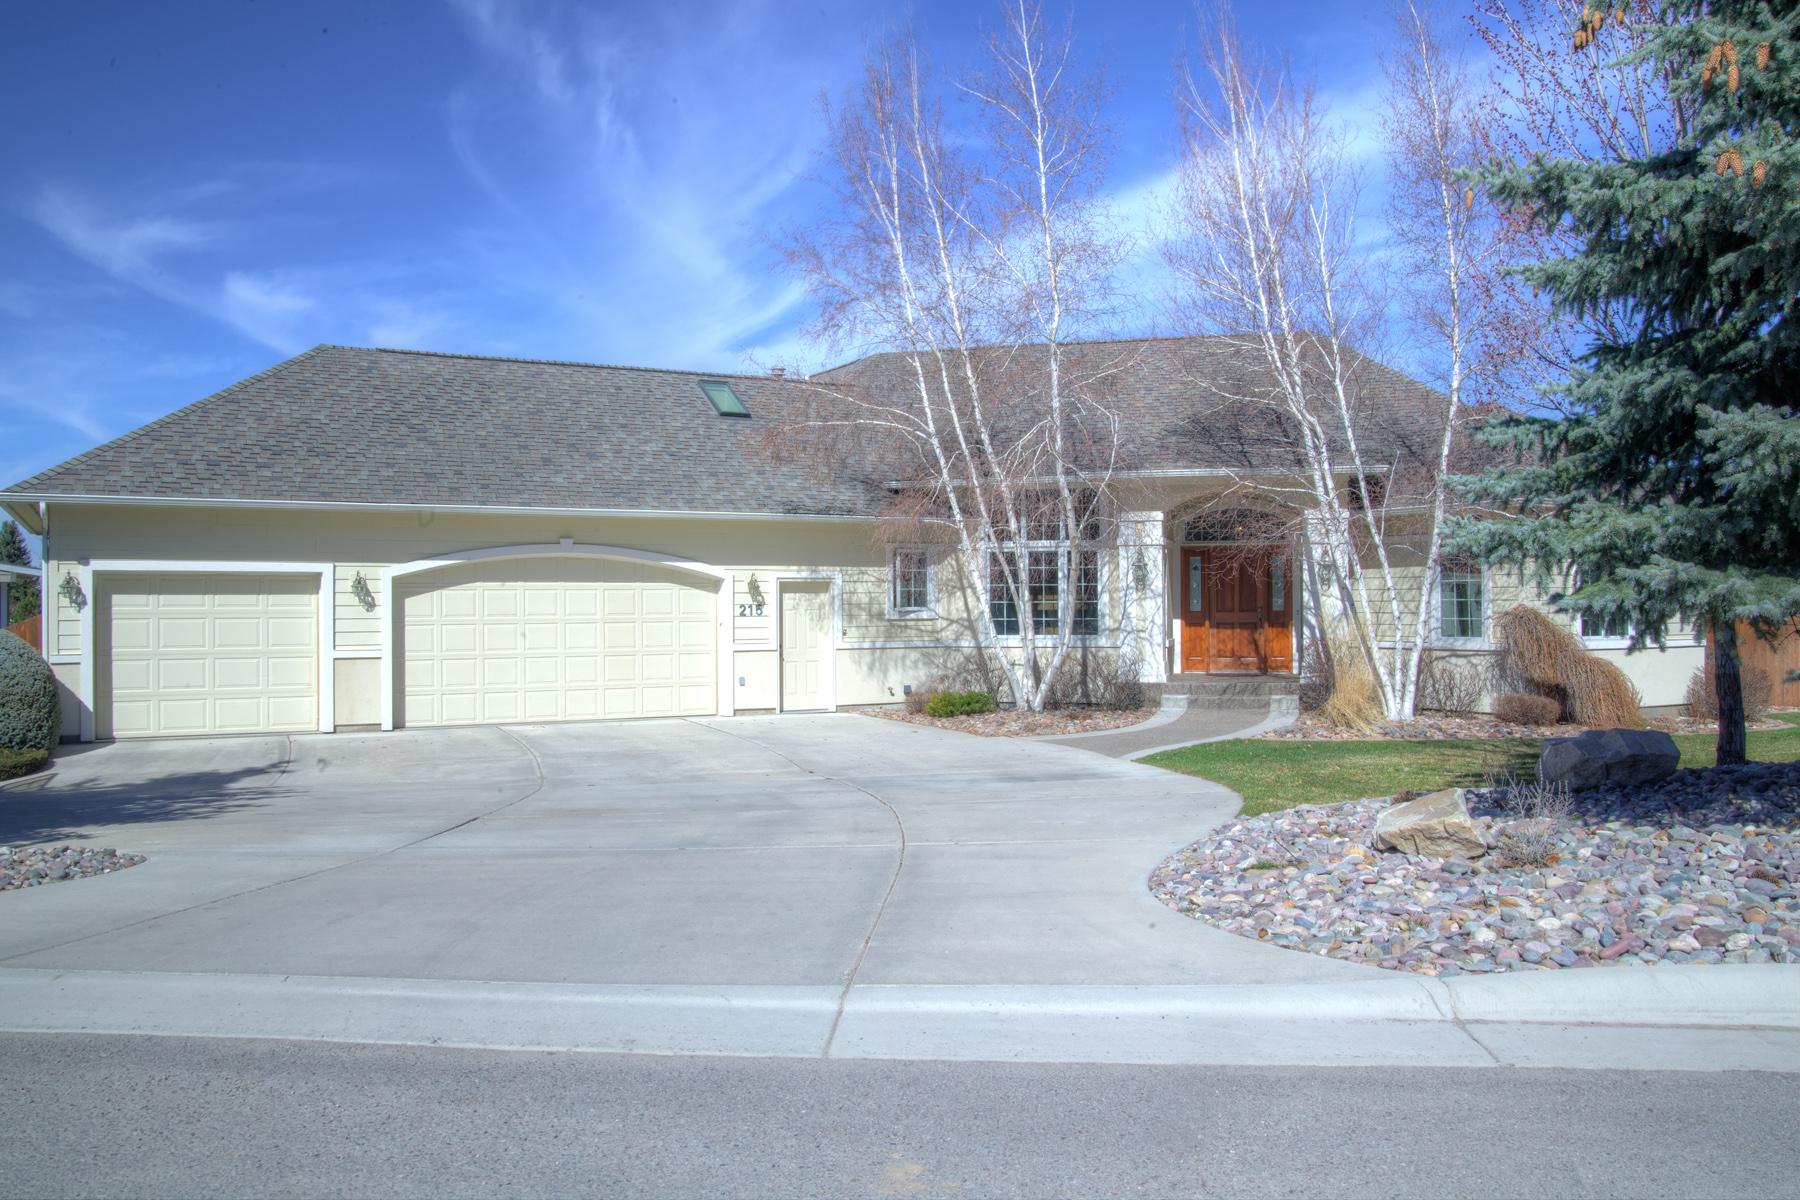 Casa para uma família para Venda às 215 E. Crestline Drive Missoula, Montana 59803 Estados Unidos